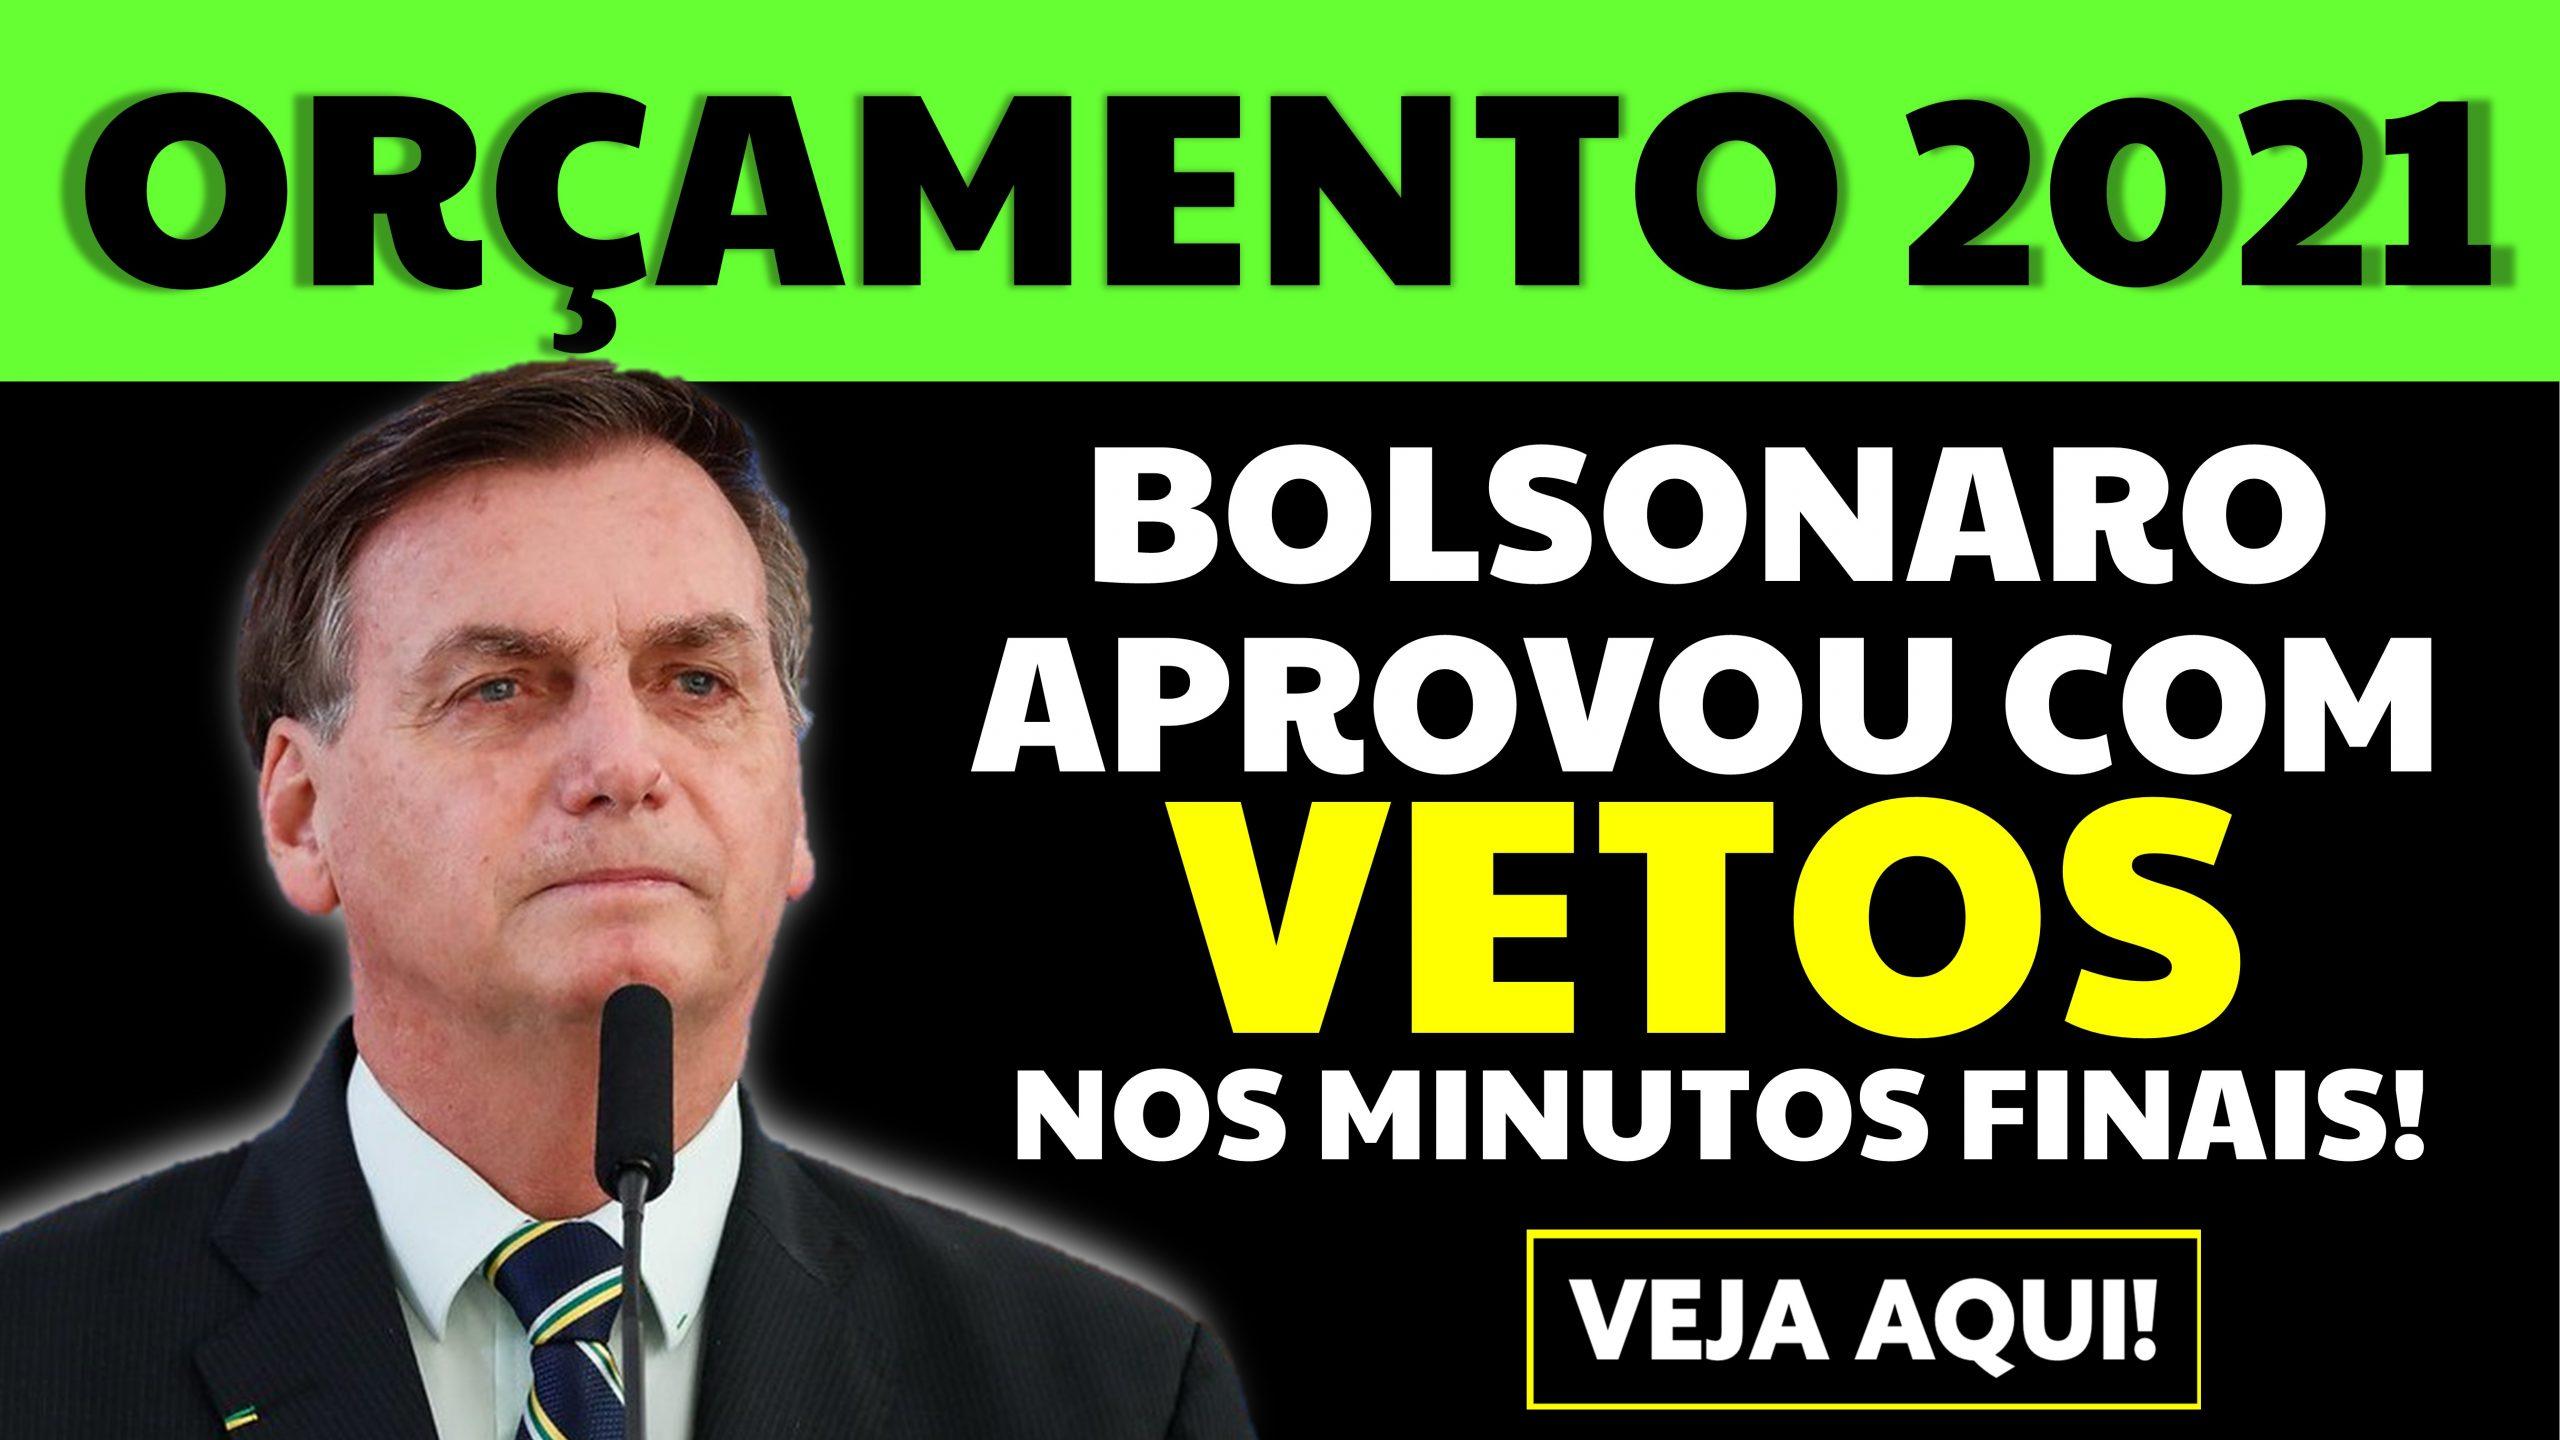 Aprovação do Orçamento 2021: Bolsonaro aprovou nos minutos finais, com vetos